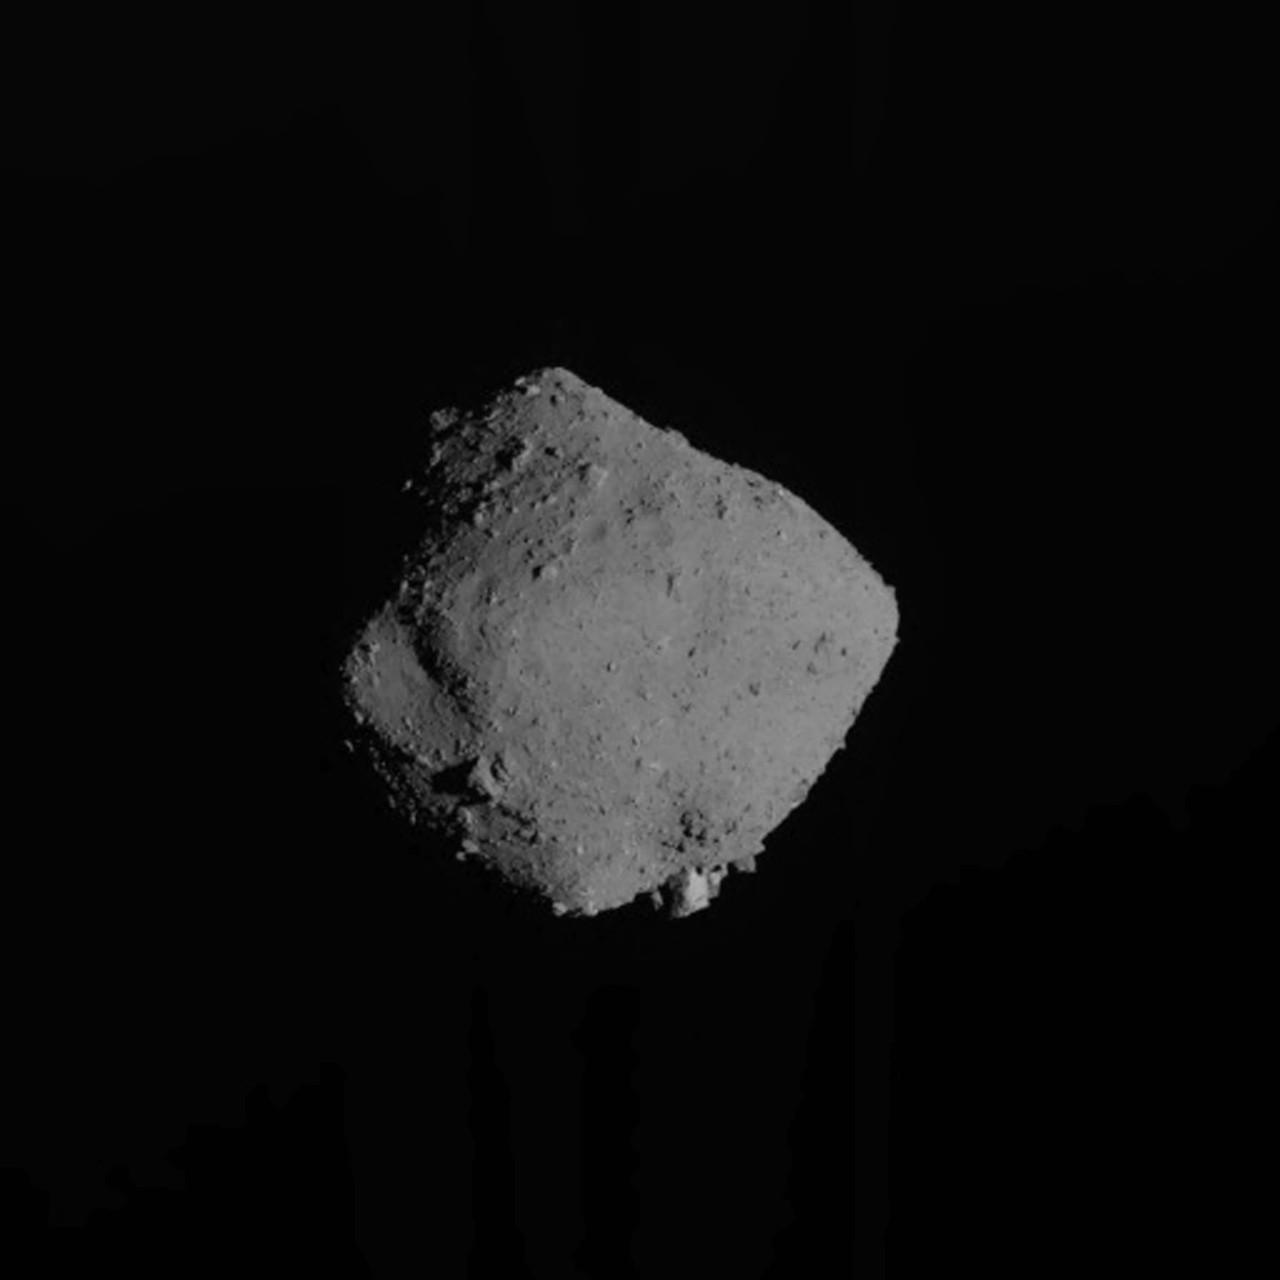 El polvo de asteroides recogido por la sonda japonesa llega a la Tierra